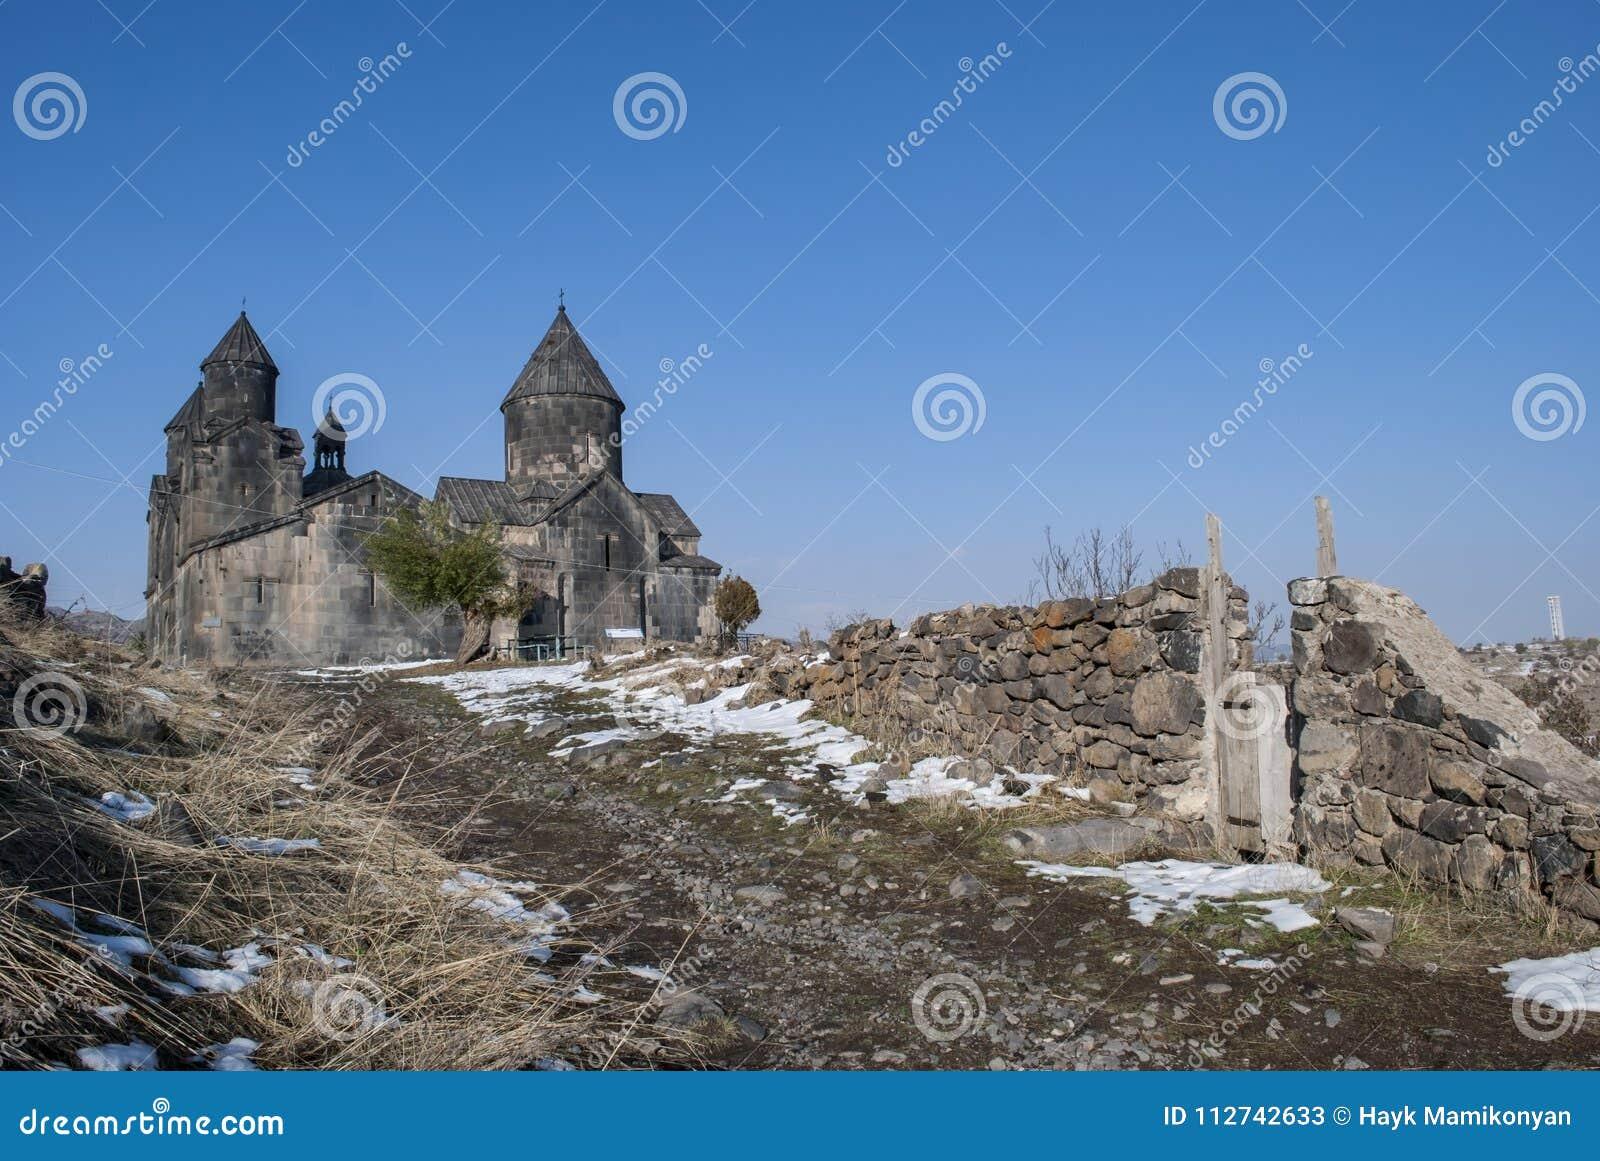 Μοναστήρι Tegher